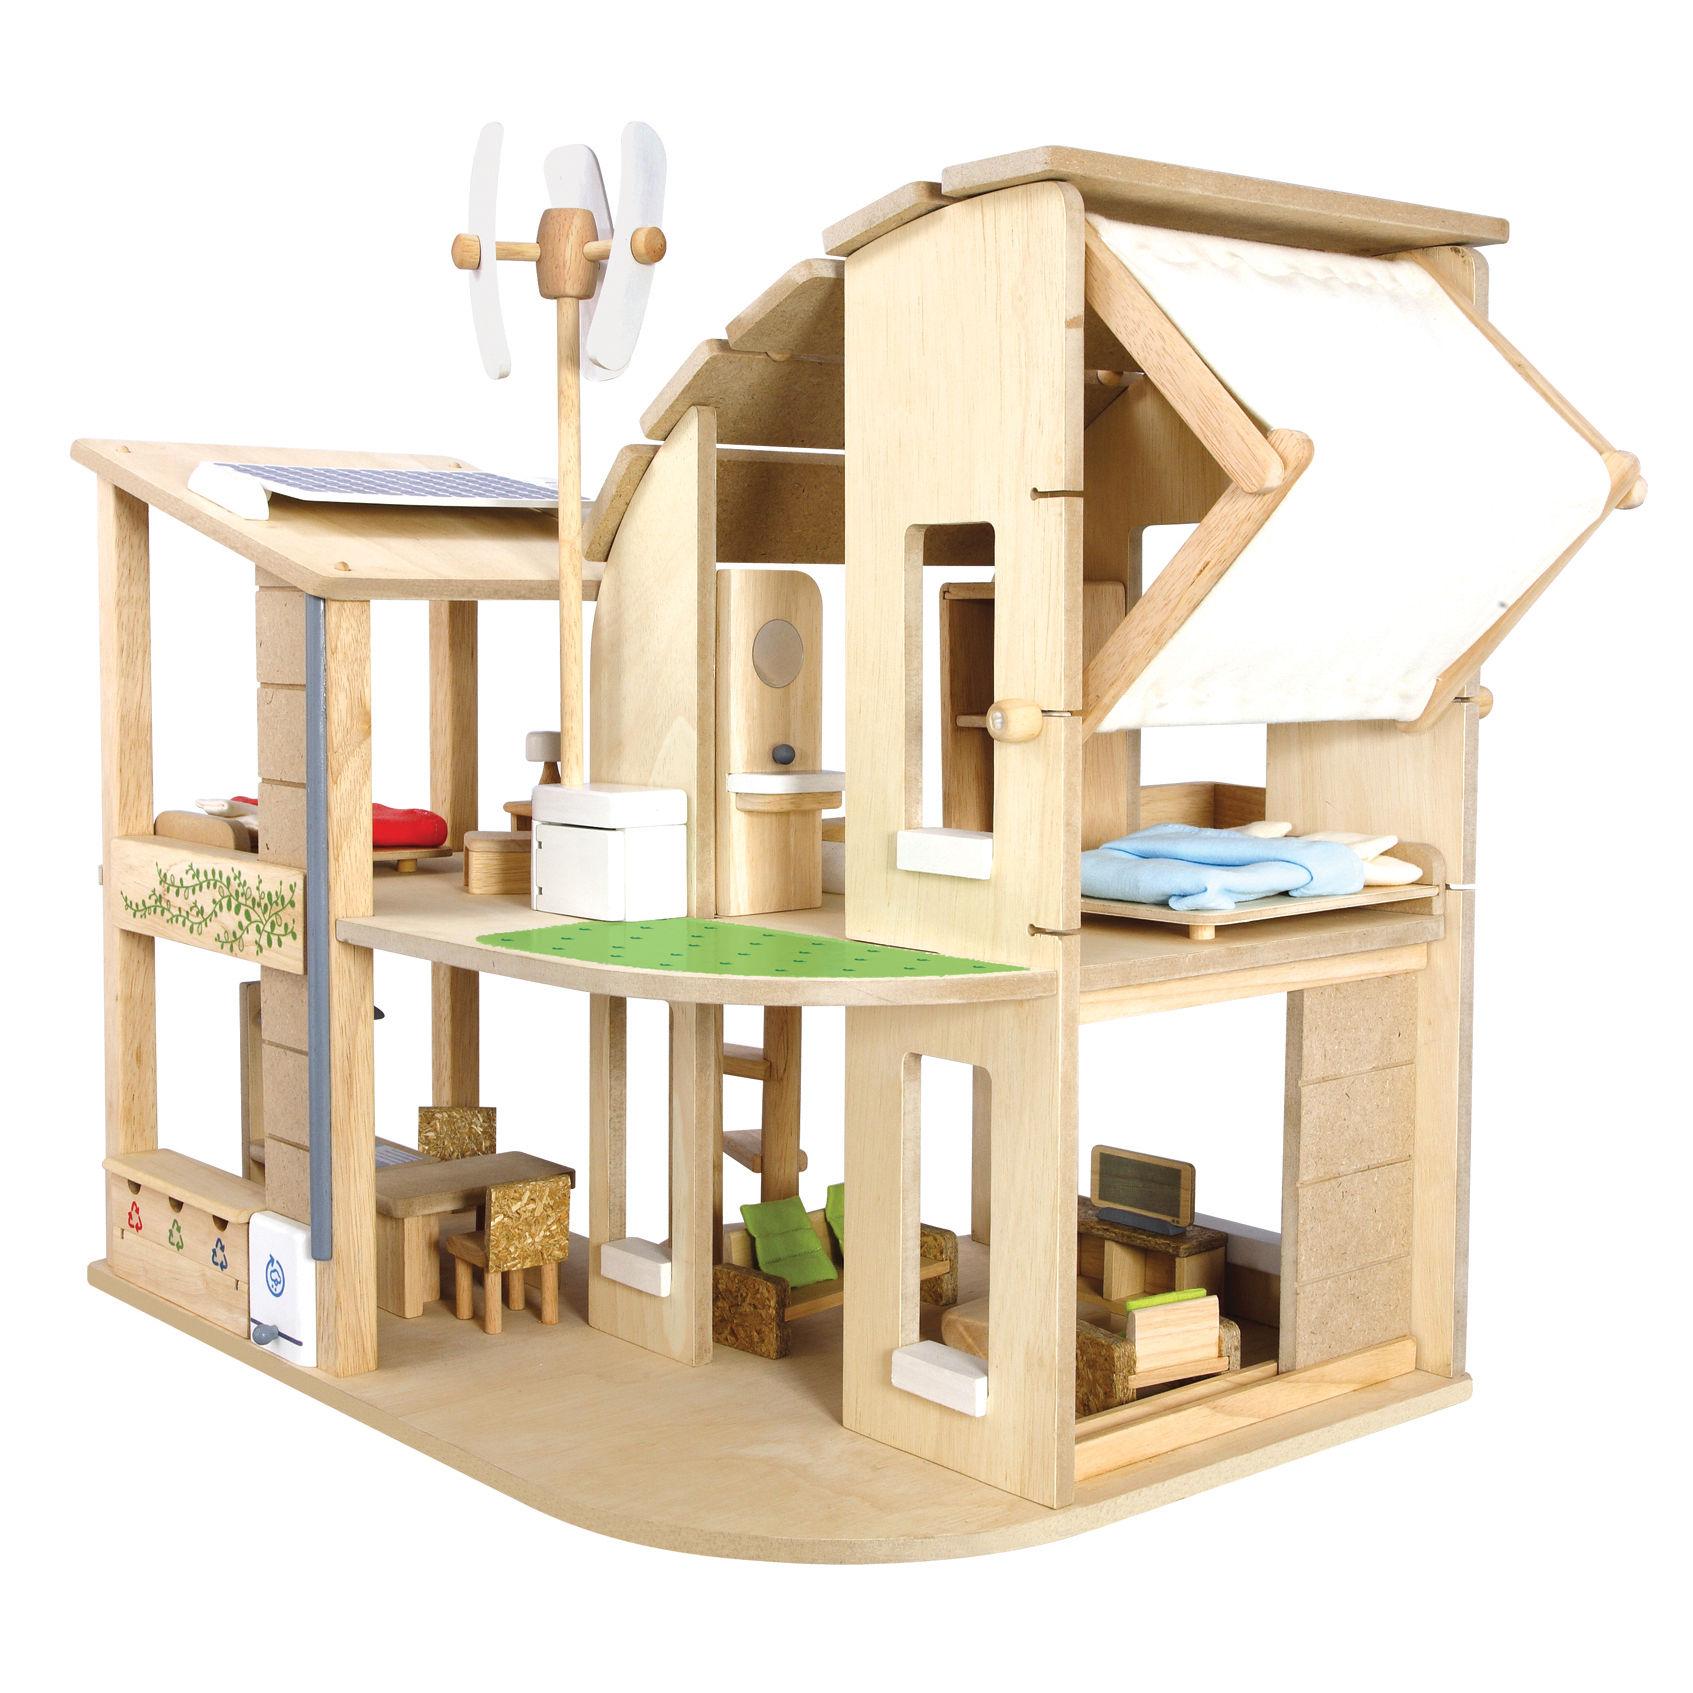 Эко-кукольный дом с аксессуарамиКукольные домики<br>Эко-кукольный дом с аксессуарами<br>